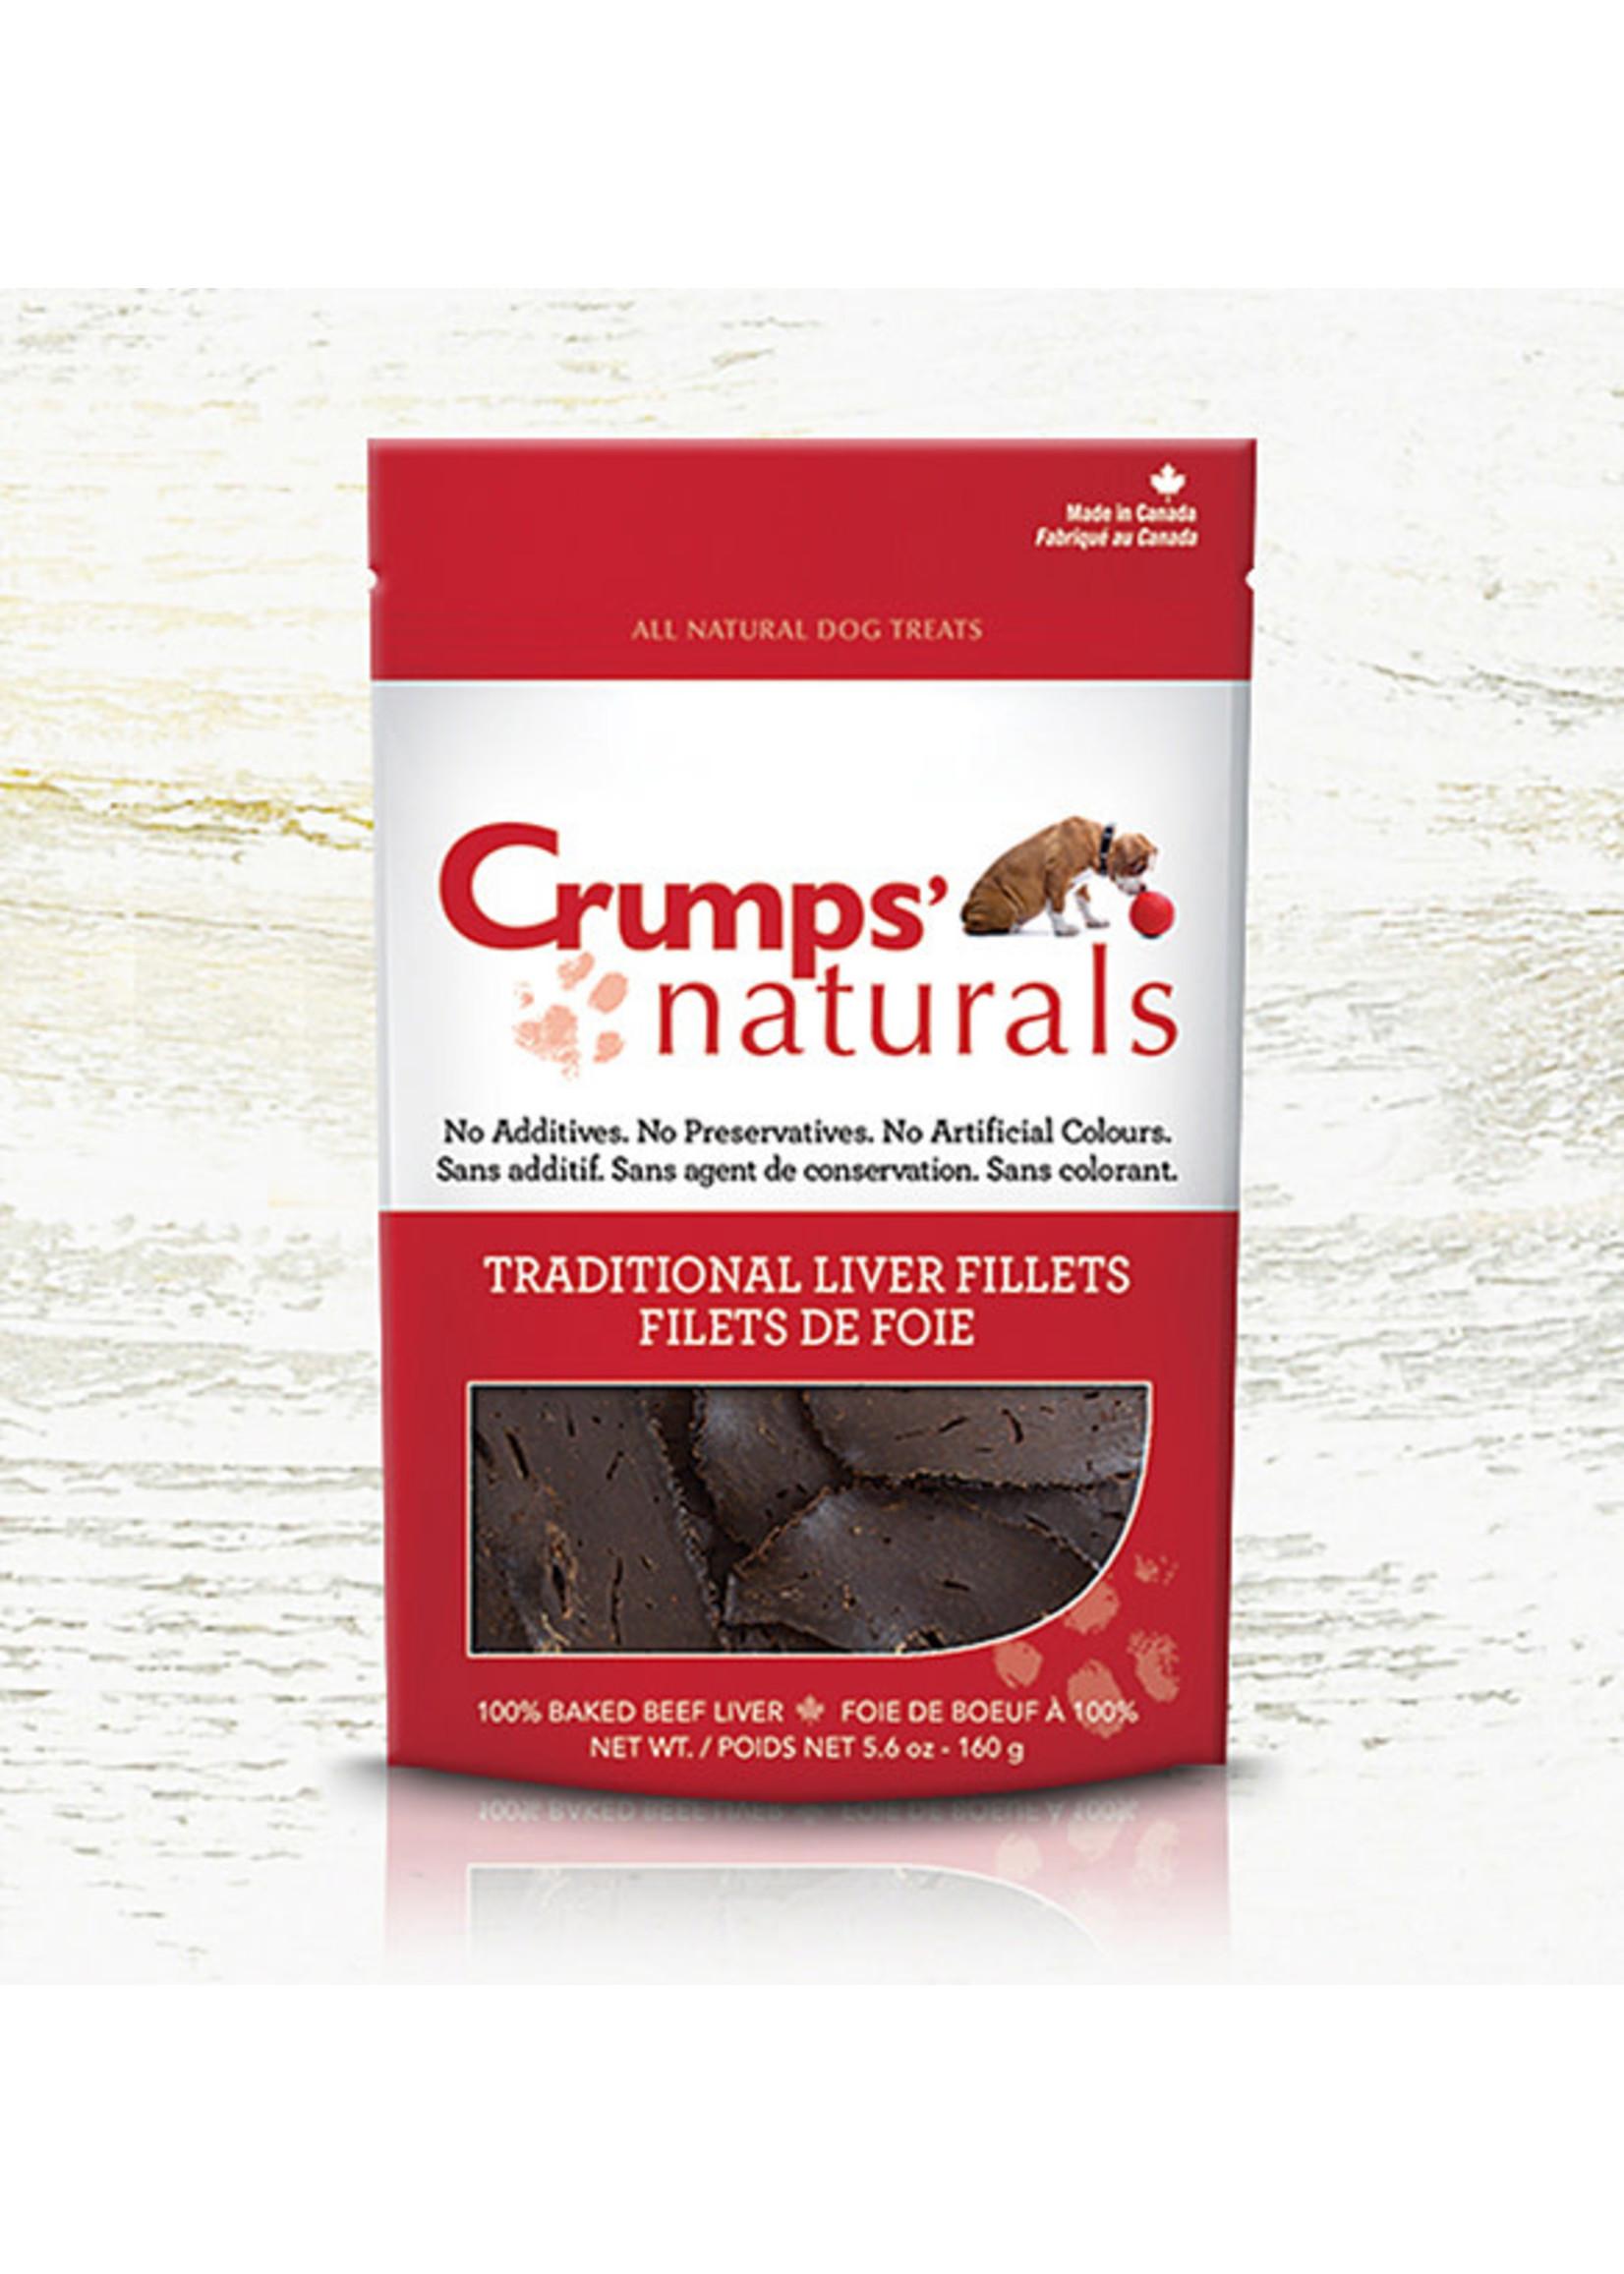 Crumps Crumps Chien filets de foie de boeuf cuits 11.6 oz